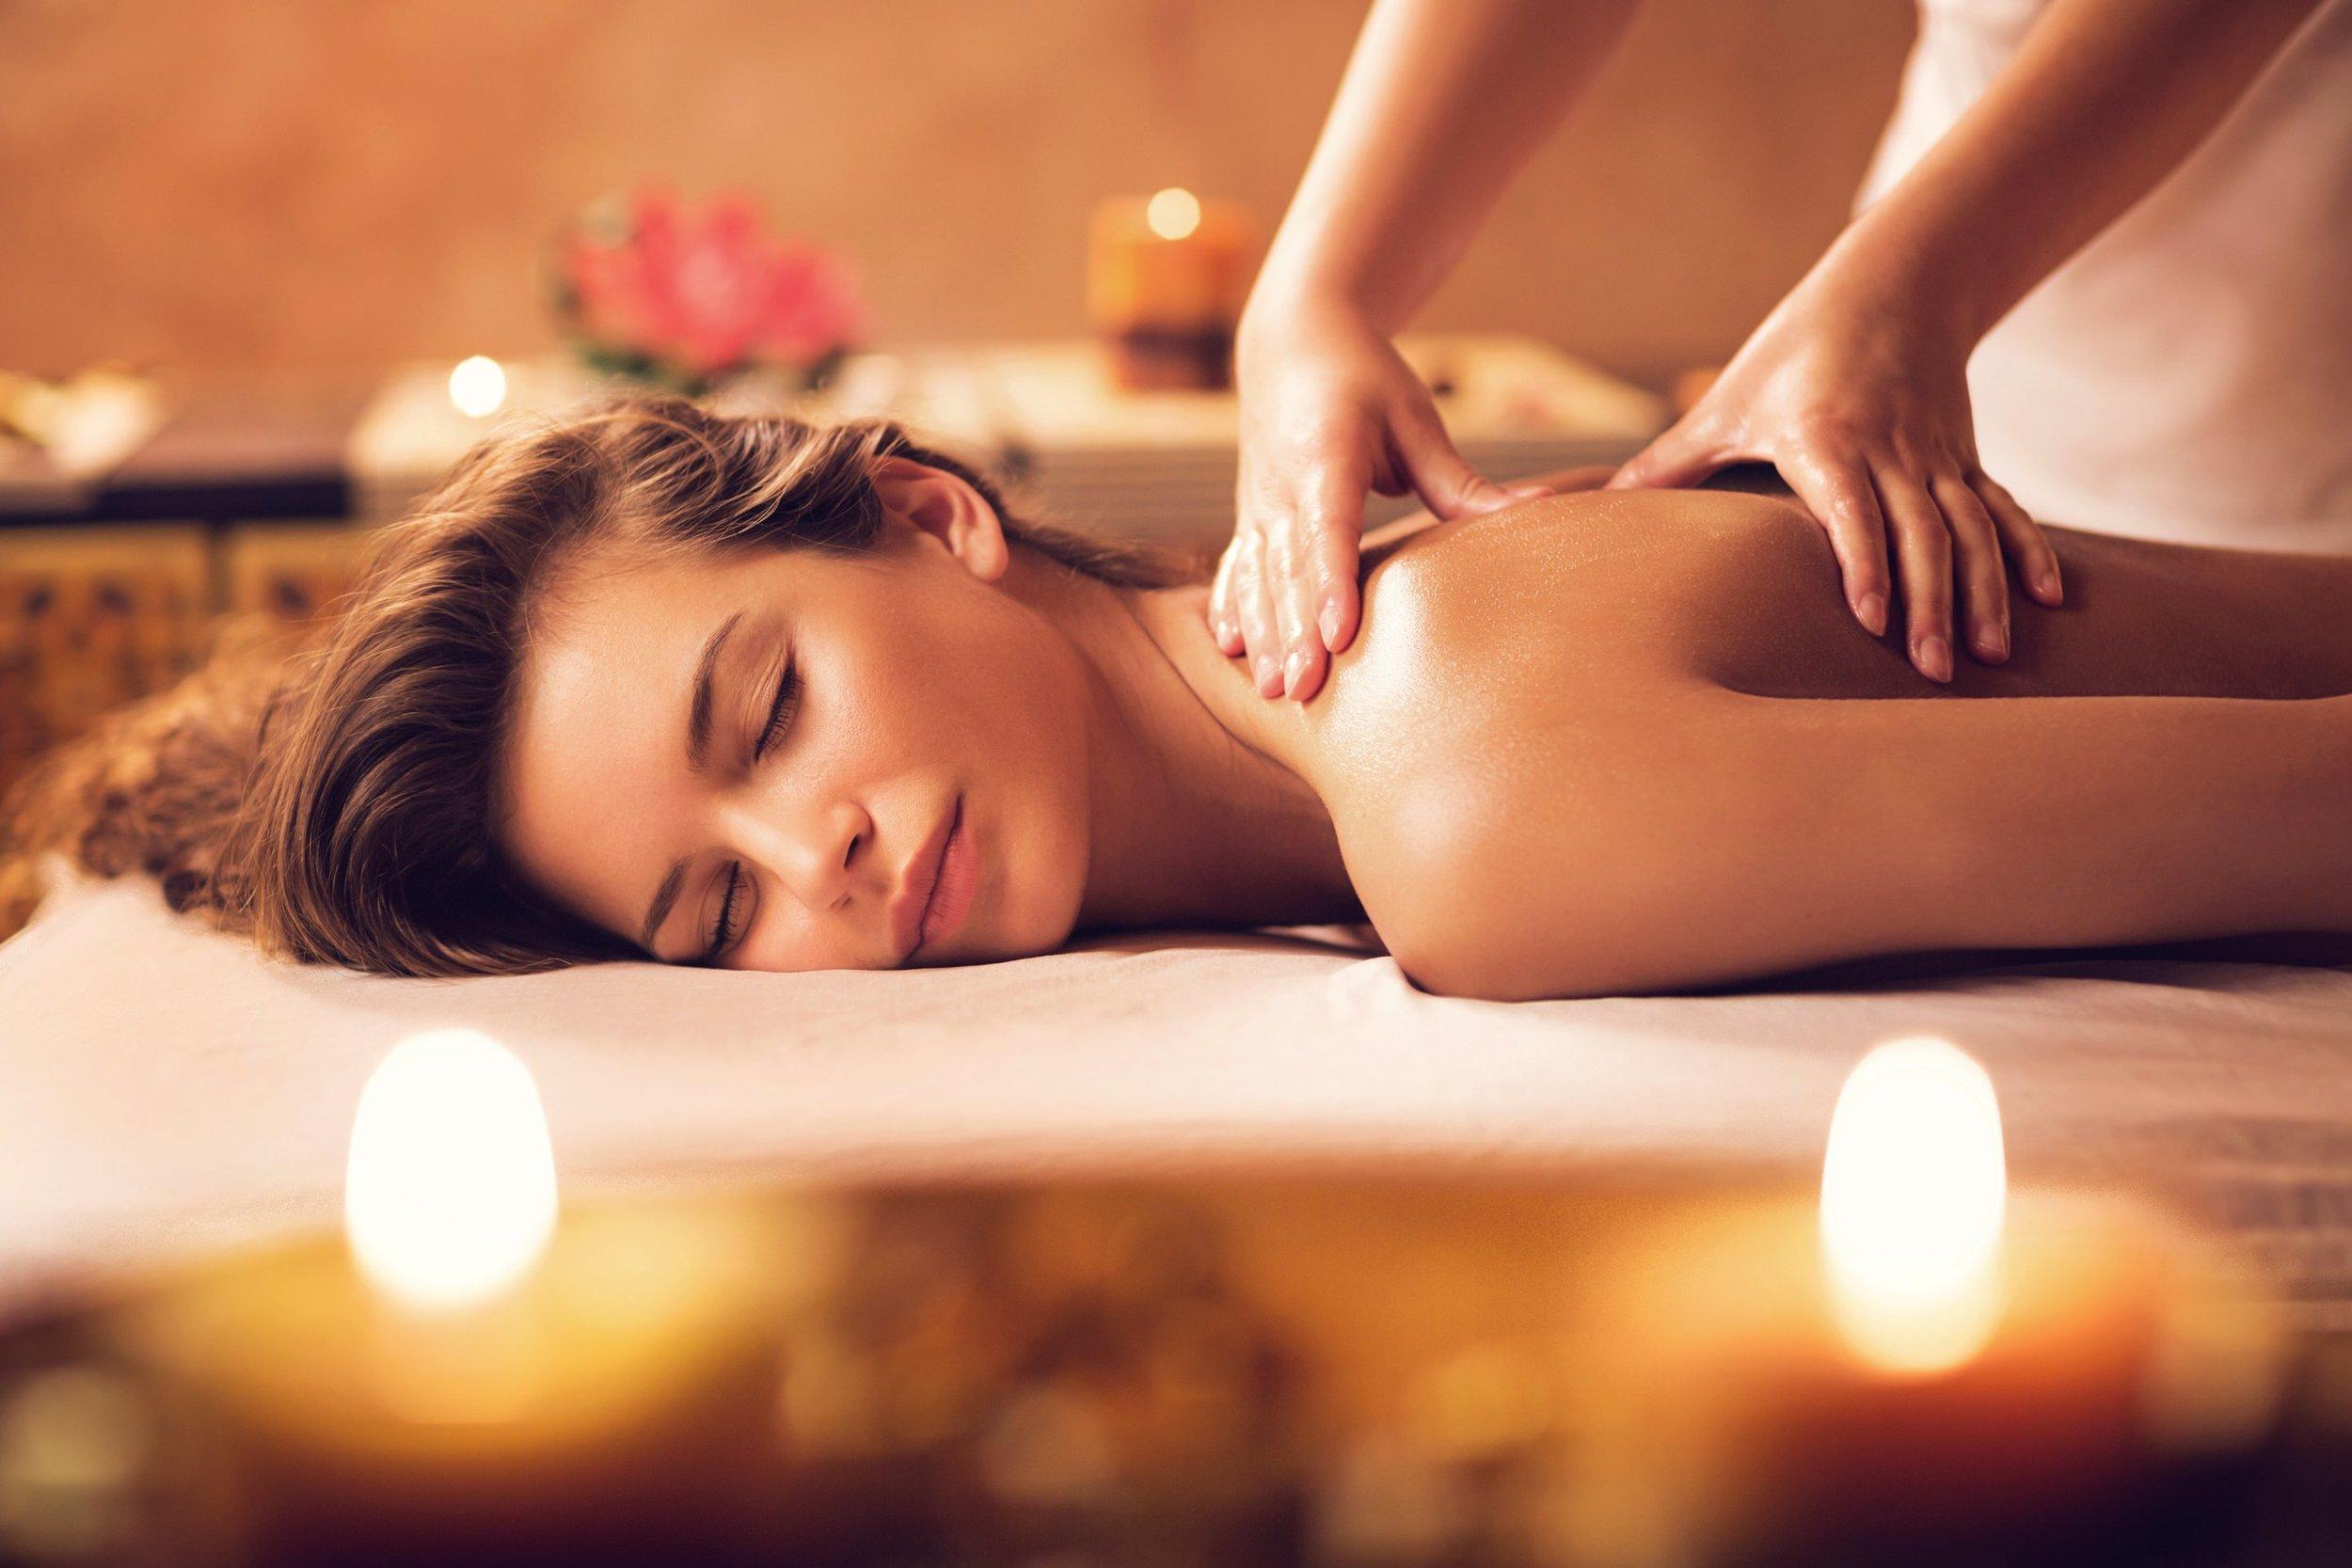 Woman Receiving Massage.jpg